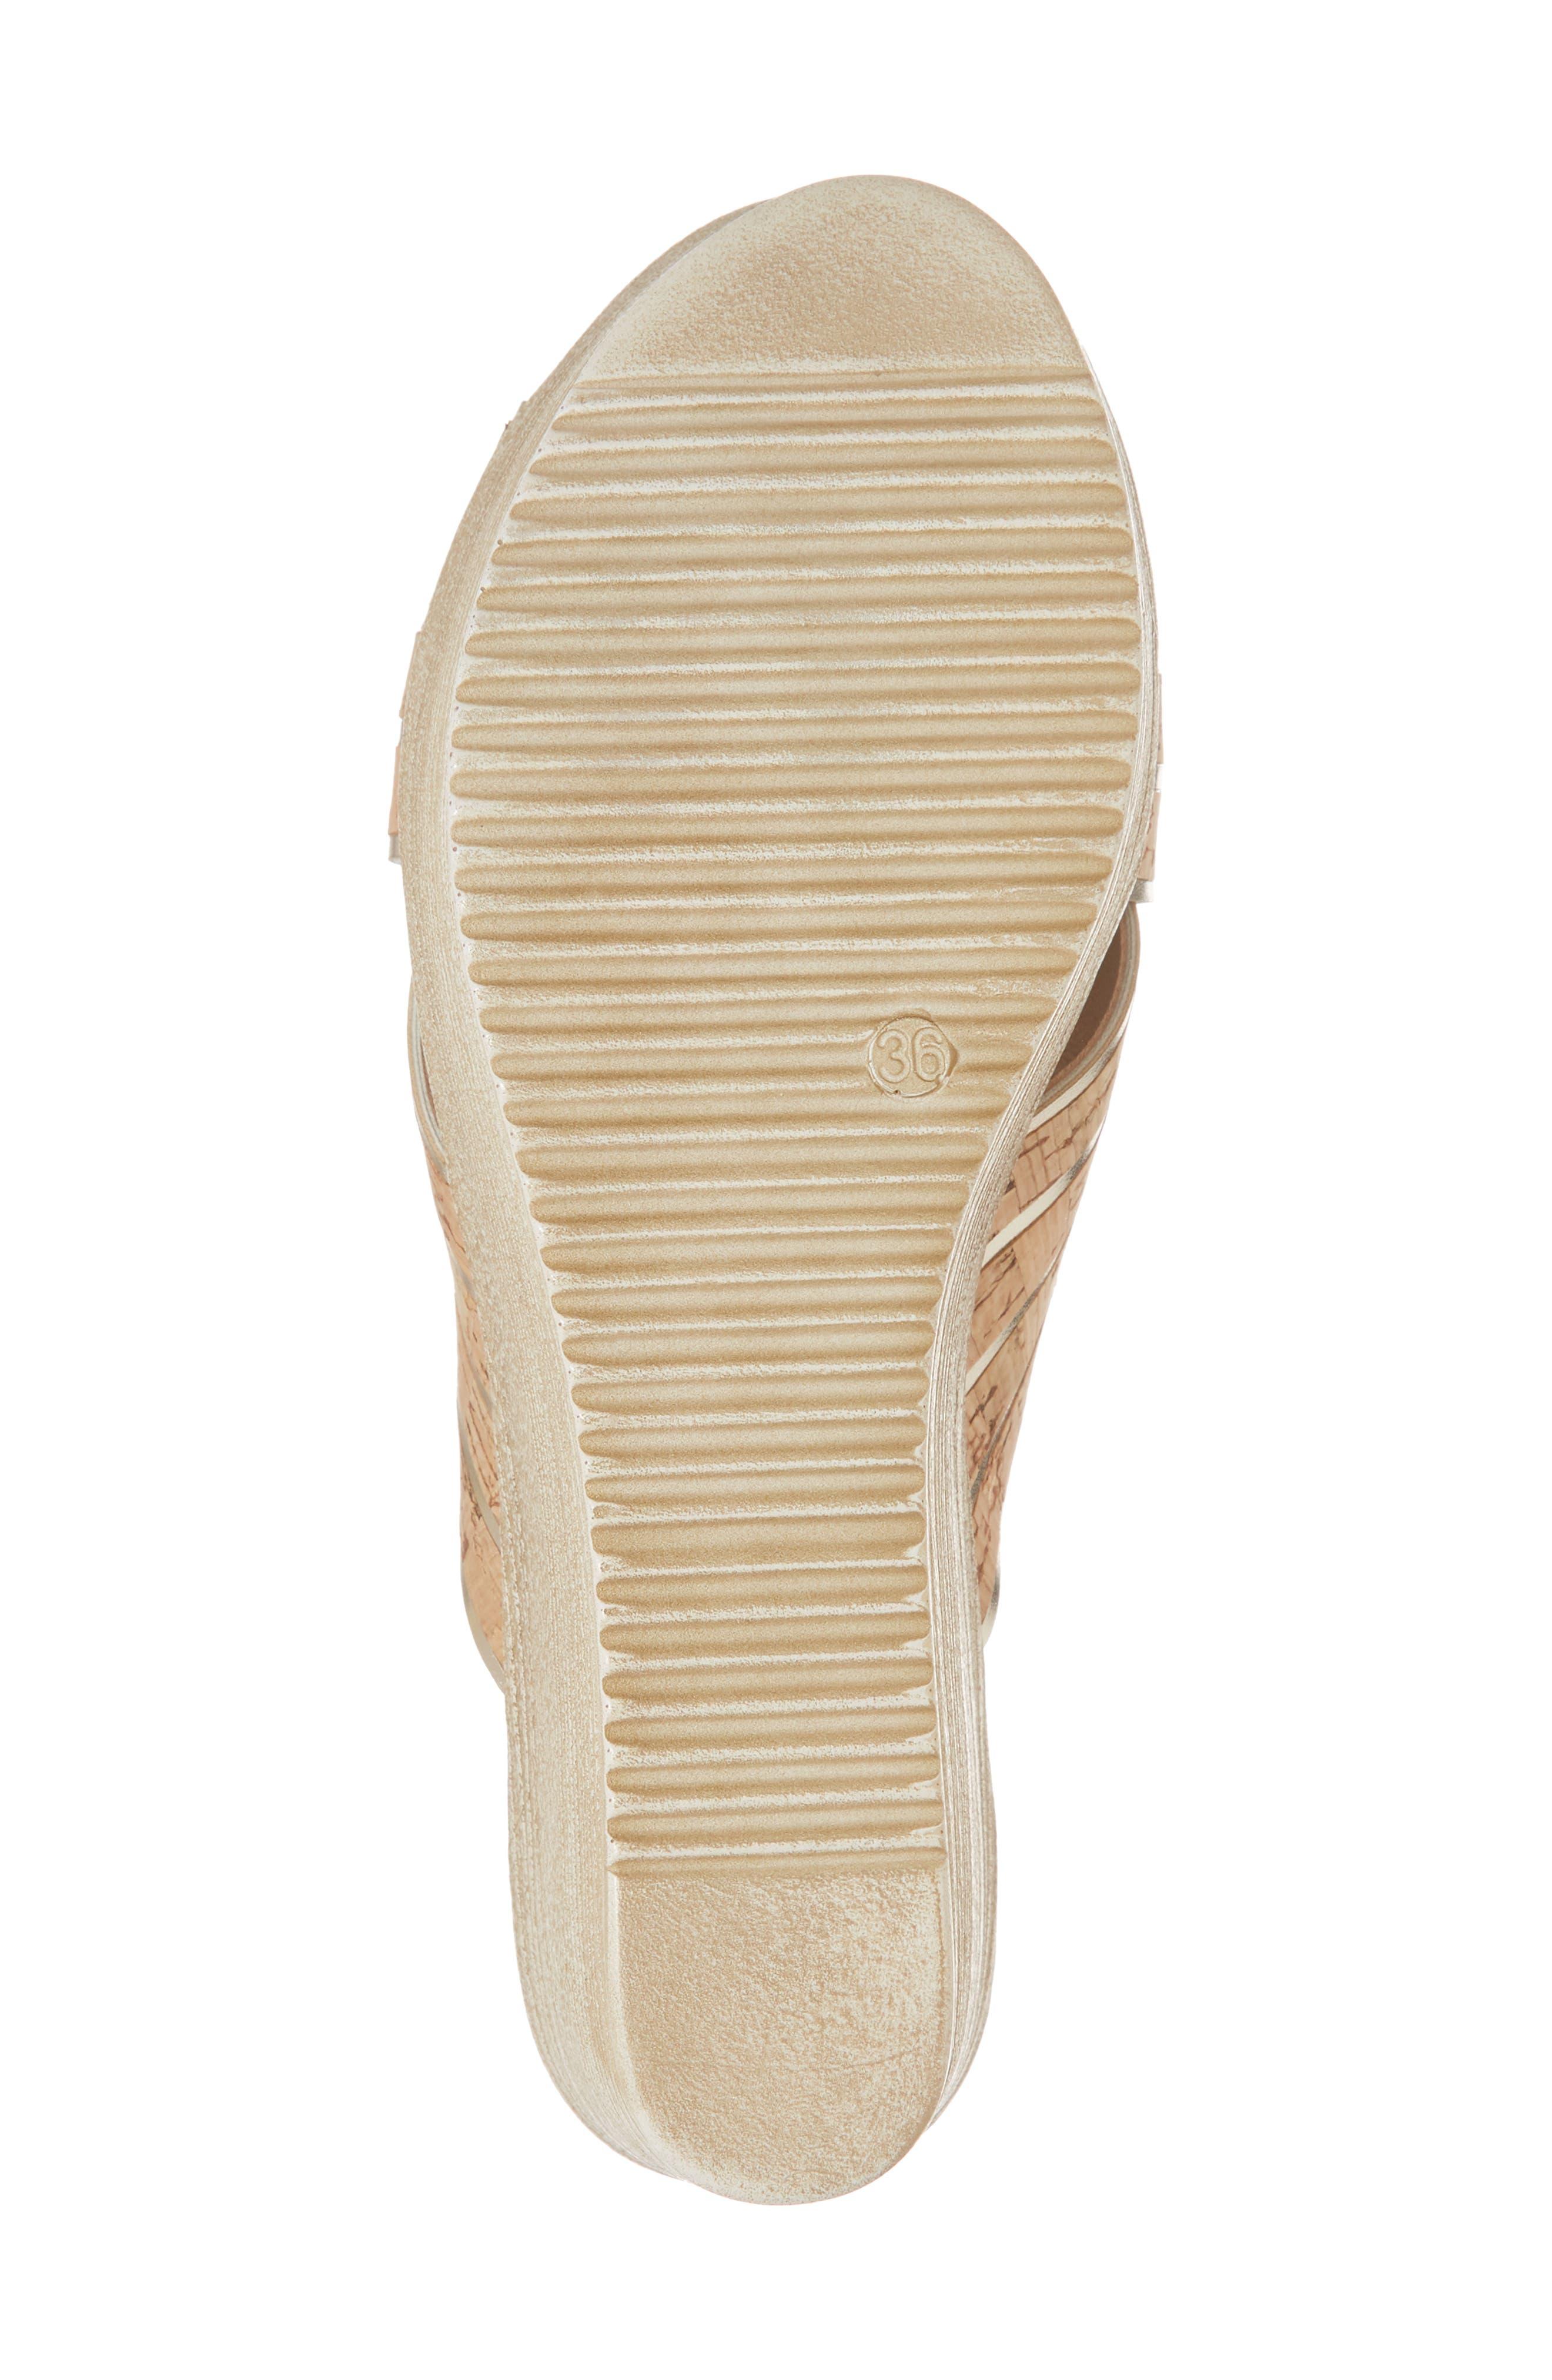 Jacey Platform Wedge Slide Sandal,                             Alternate thumbnail 6, color,                             Cork/ Gold